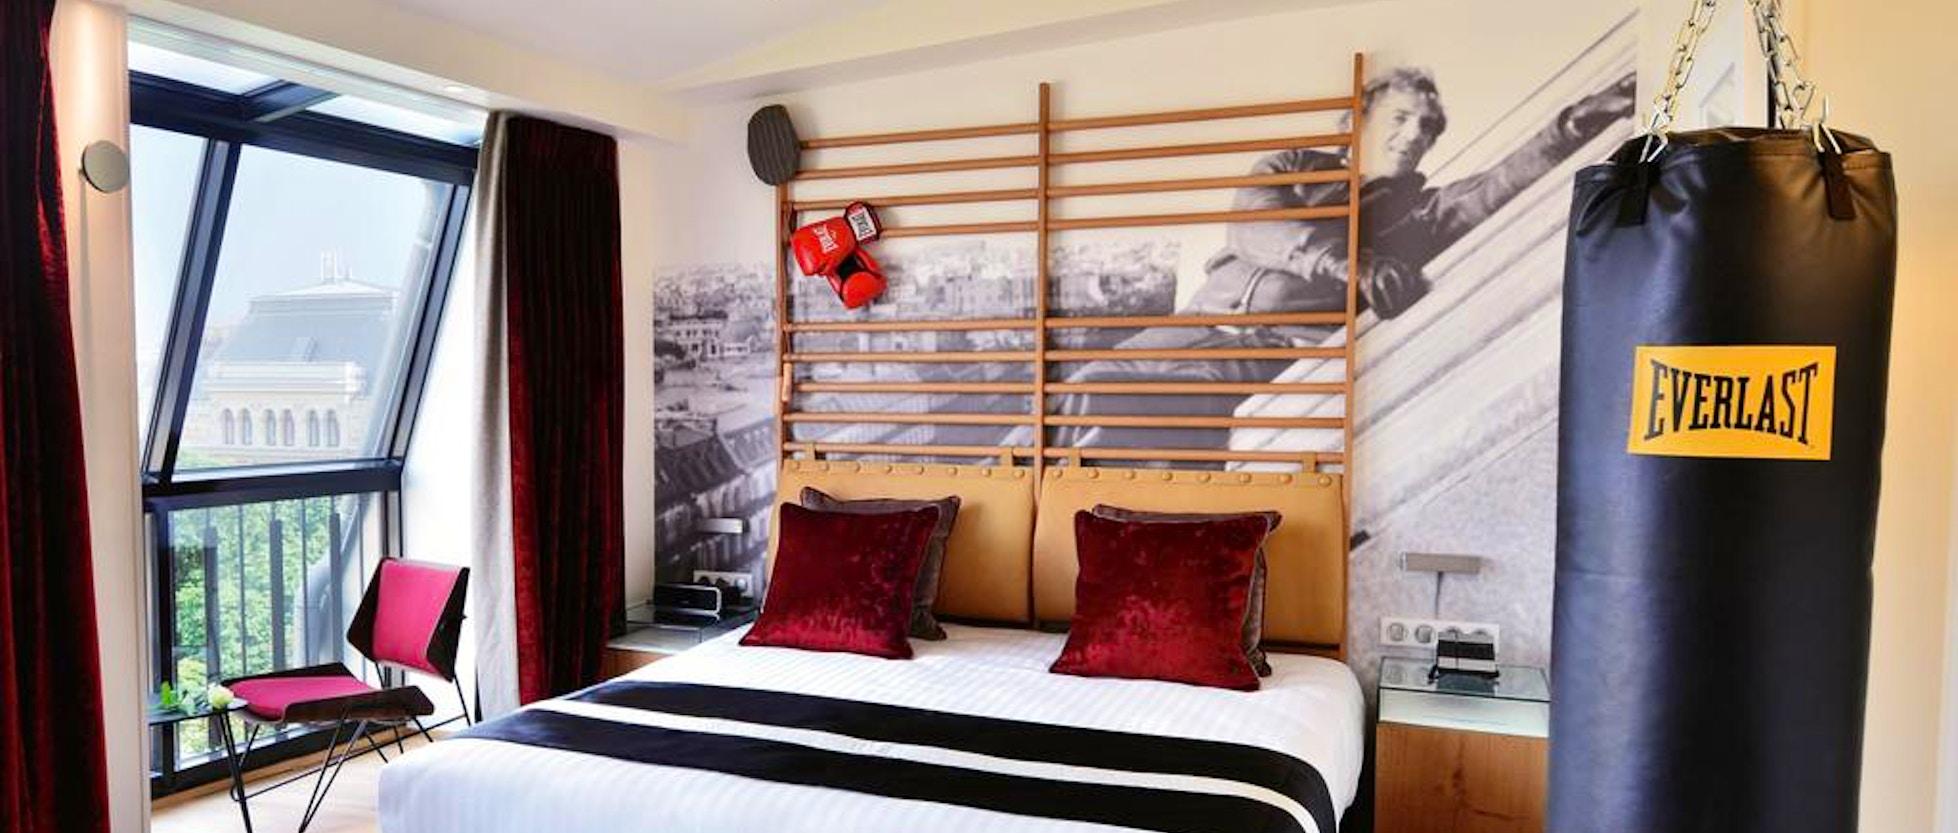 Hotel particolari a Parigi per un soggiorno fuori dagli schemi